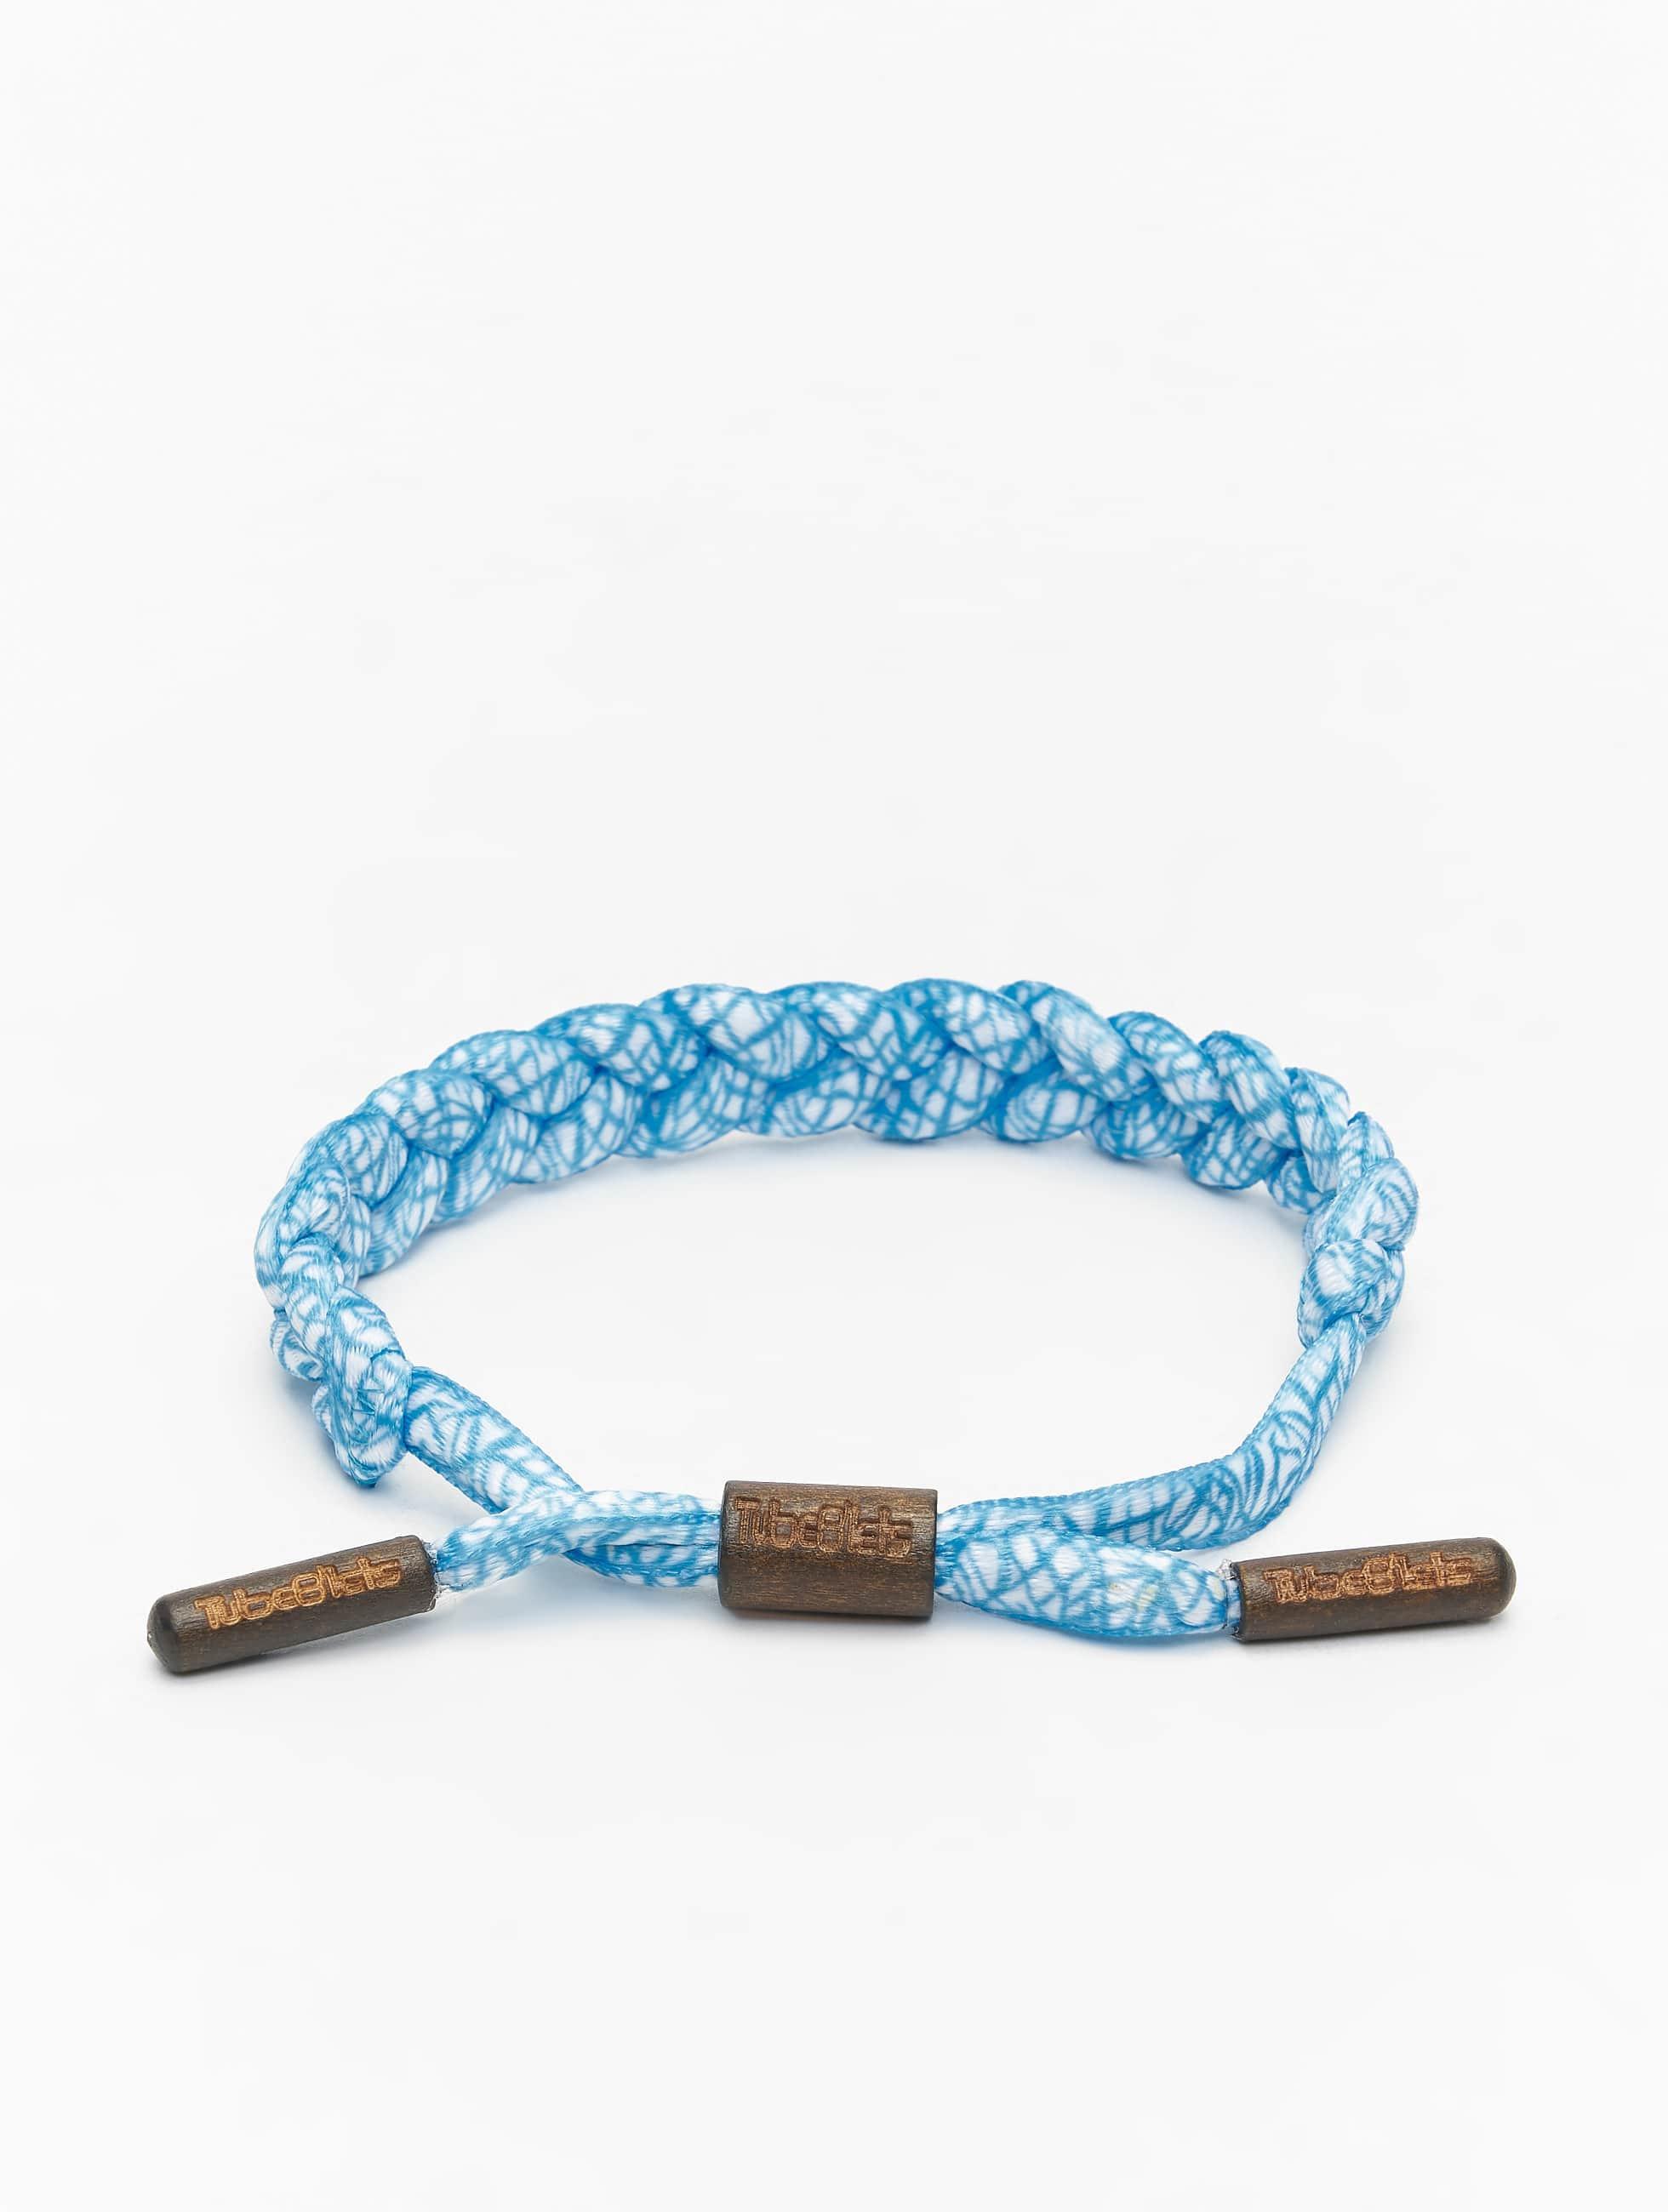 Tubelaces Männer,Frauen Armband TubeBlet in blau